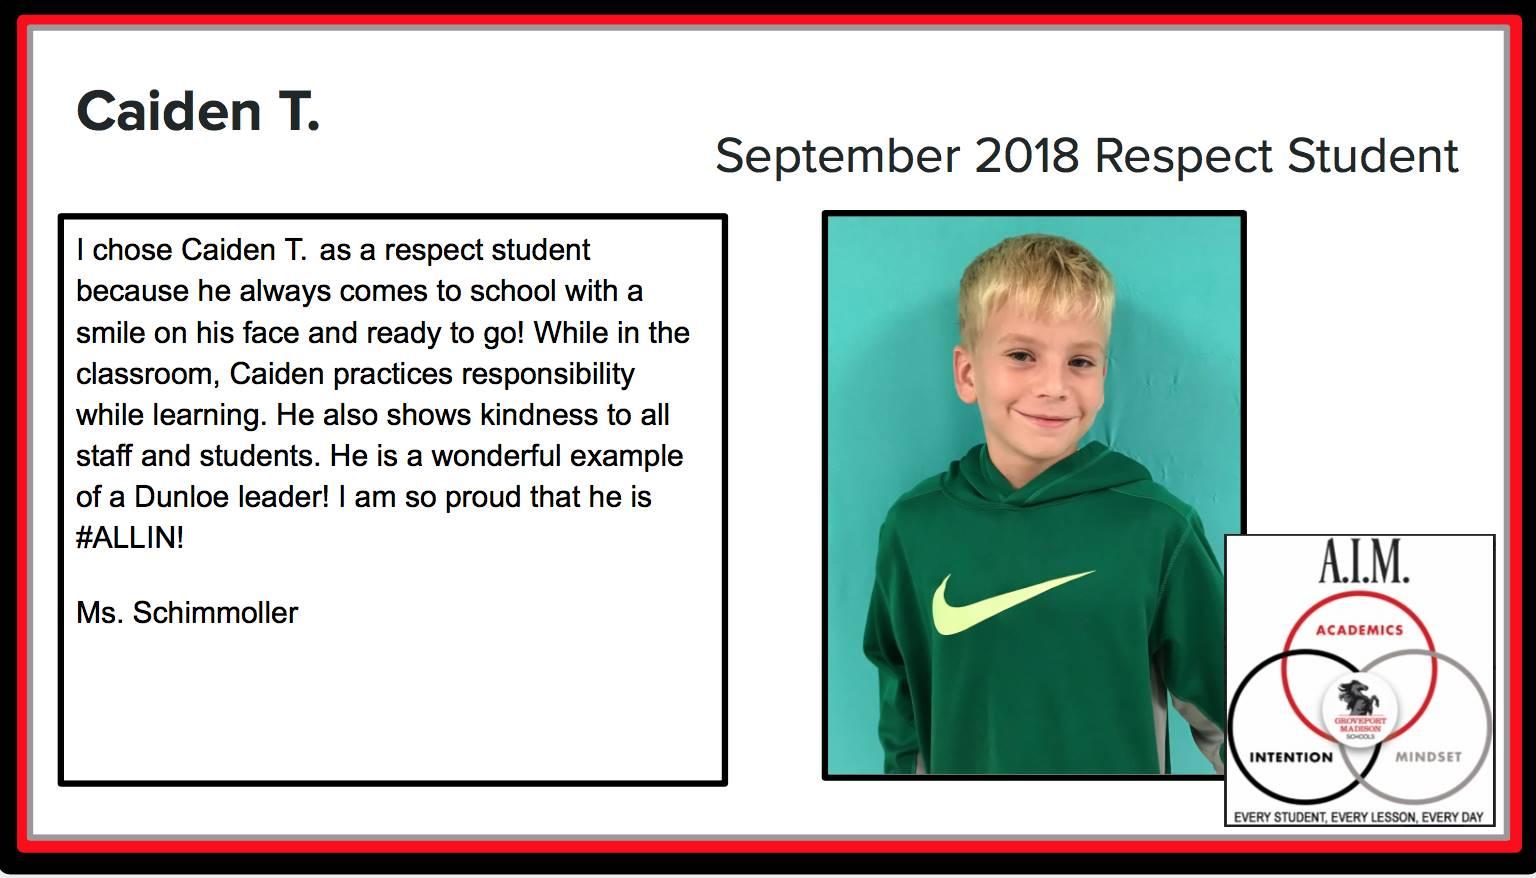 September Respect Student Caiden